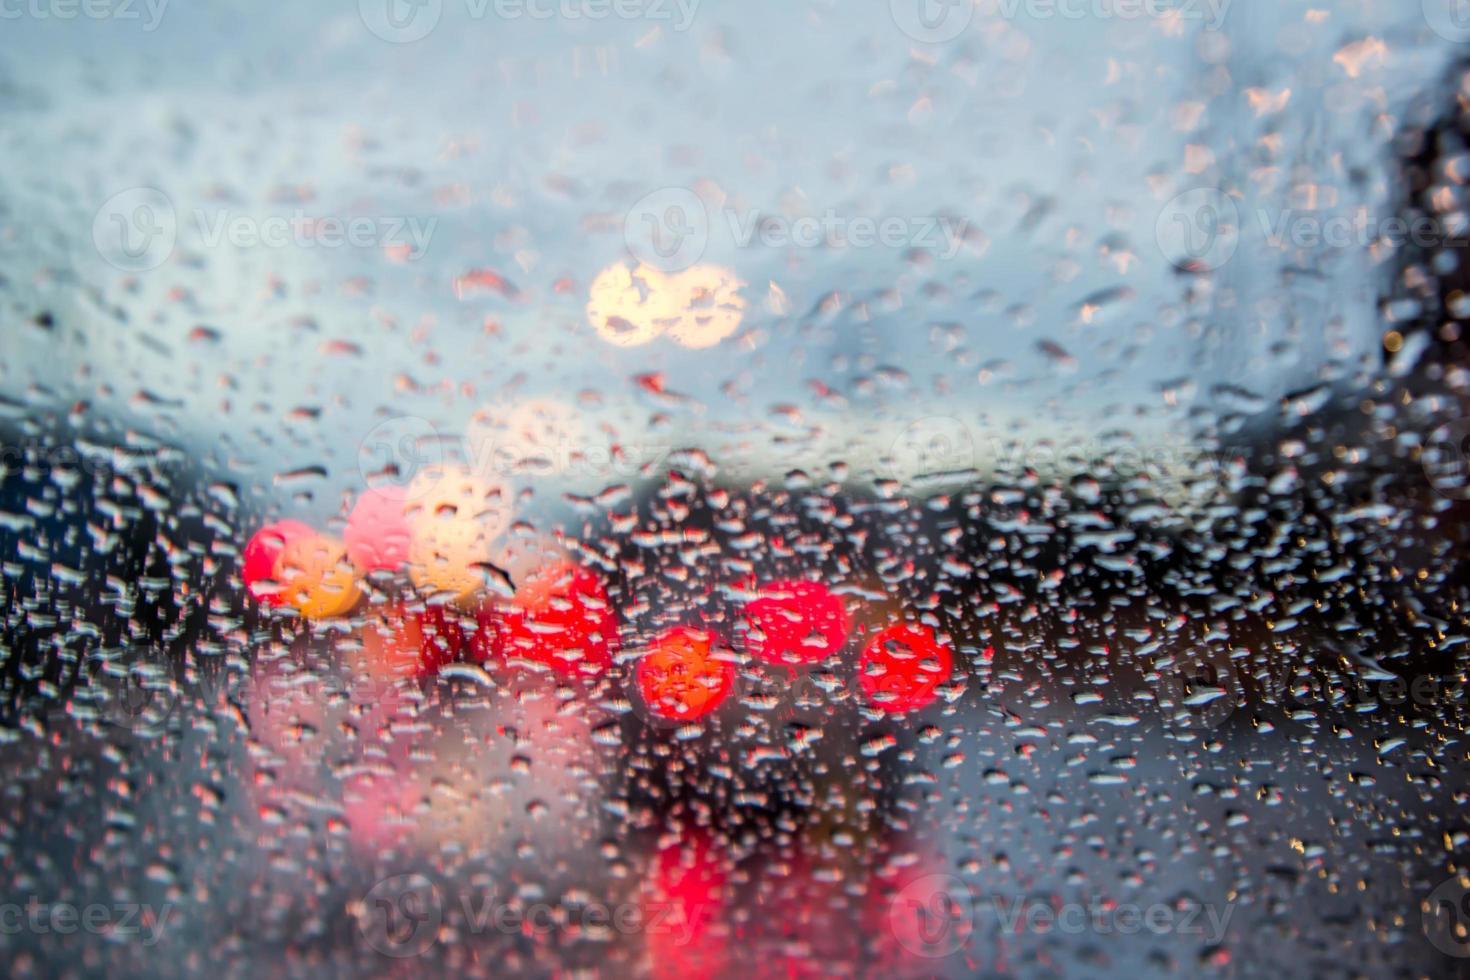 immagine sfocata della vista del traffico attraverso il parabrezza di un'auto foto